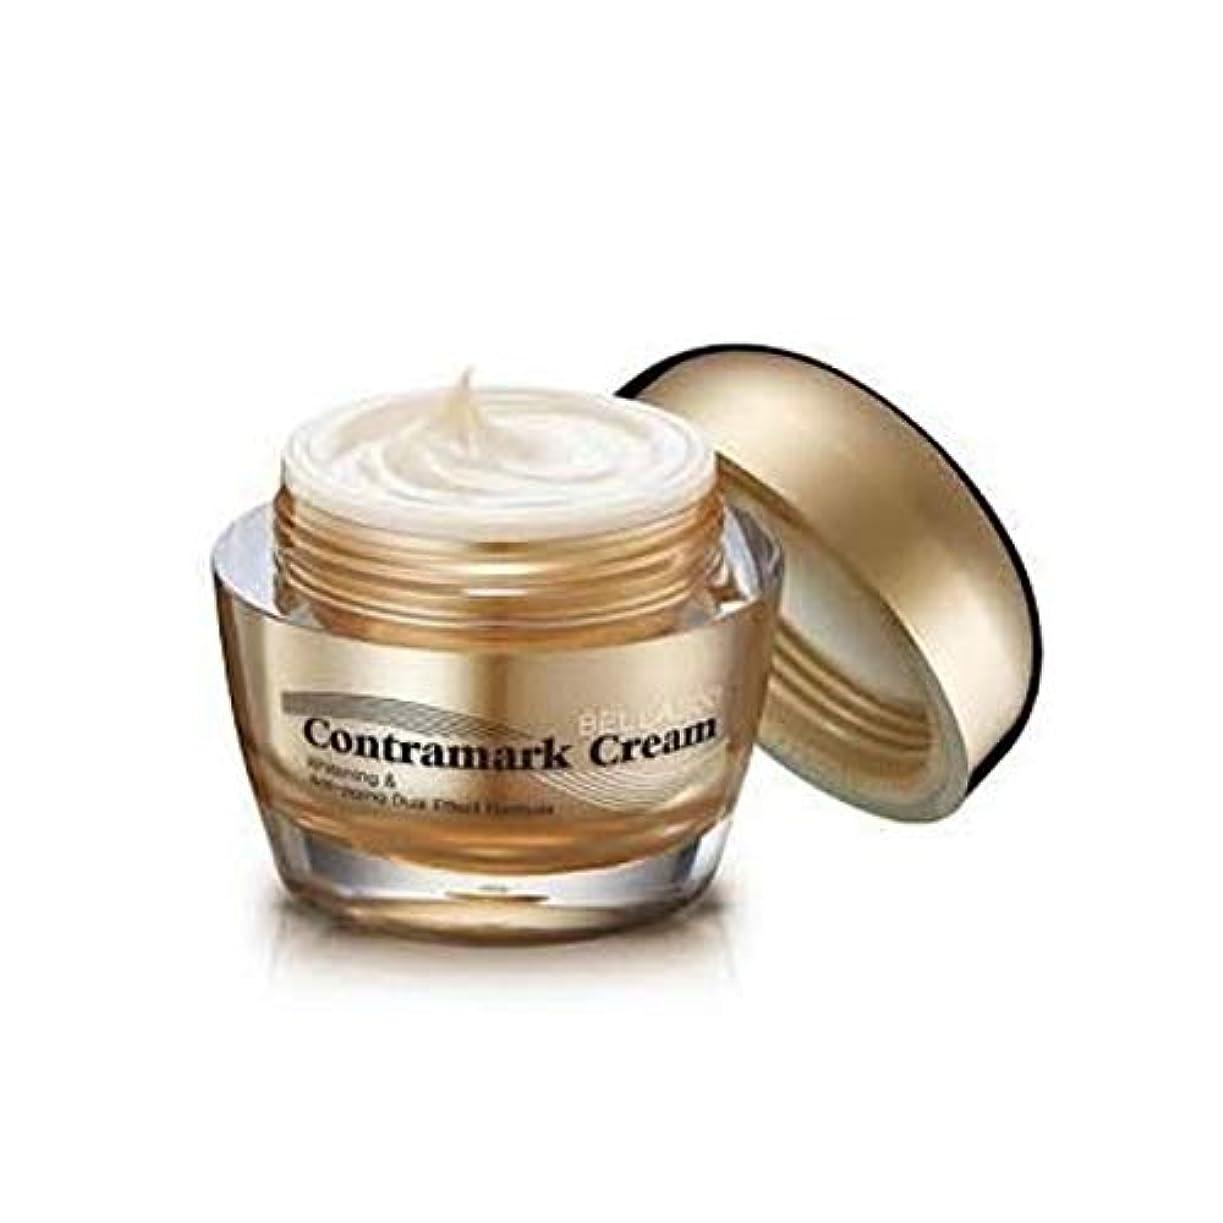 スマートプレーヤープレーヤー鍾根堂ベラシュコントラマーククリーム30gシミ・ソバカス韓国コスメ、Chong Kun Dang Bellasoo Contramark Cream 30g Melasma Cream Korean Cosmetics...